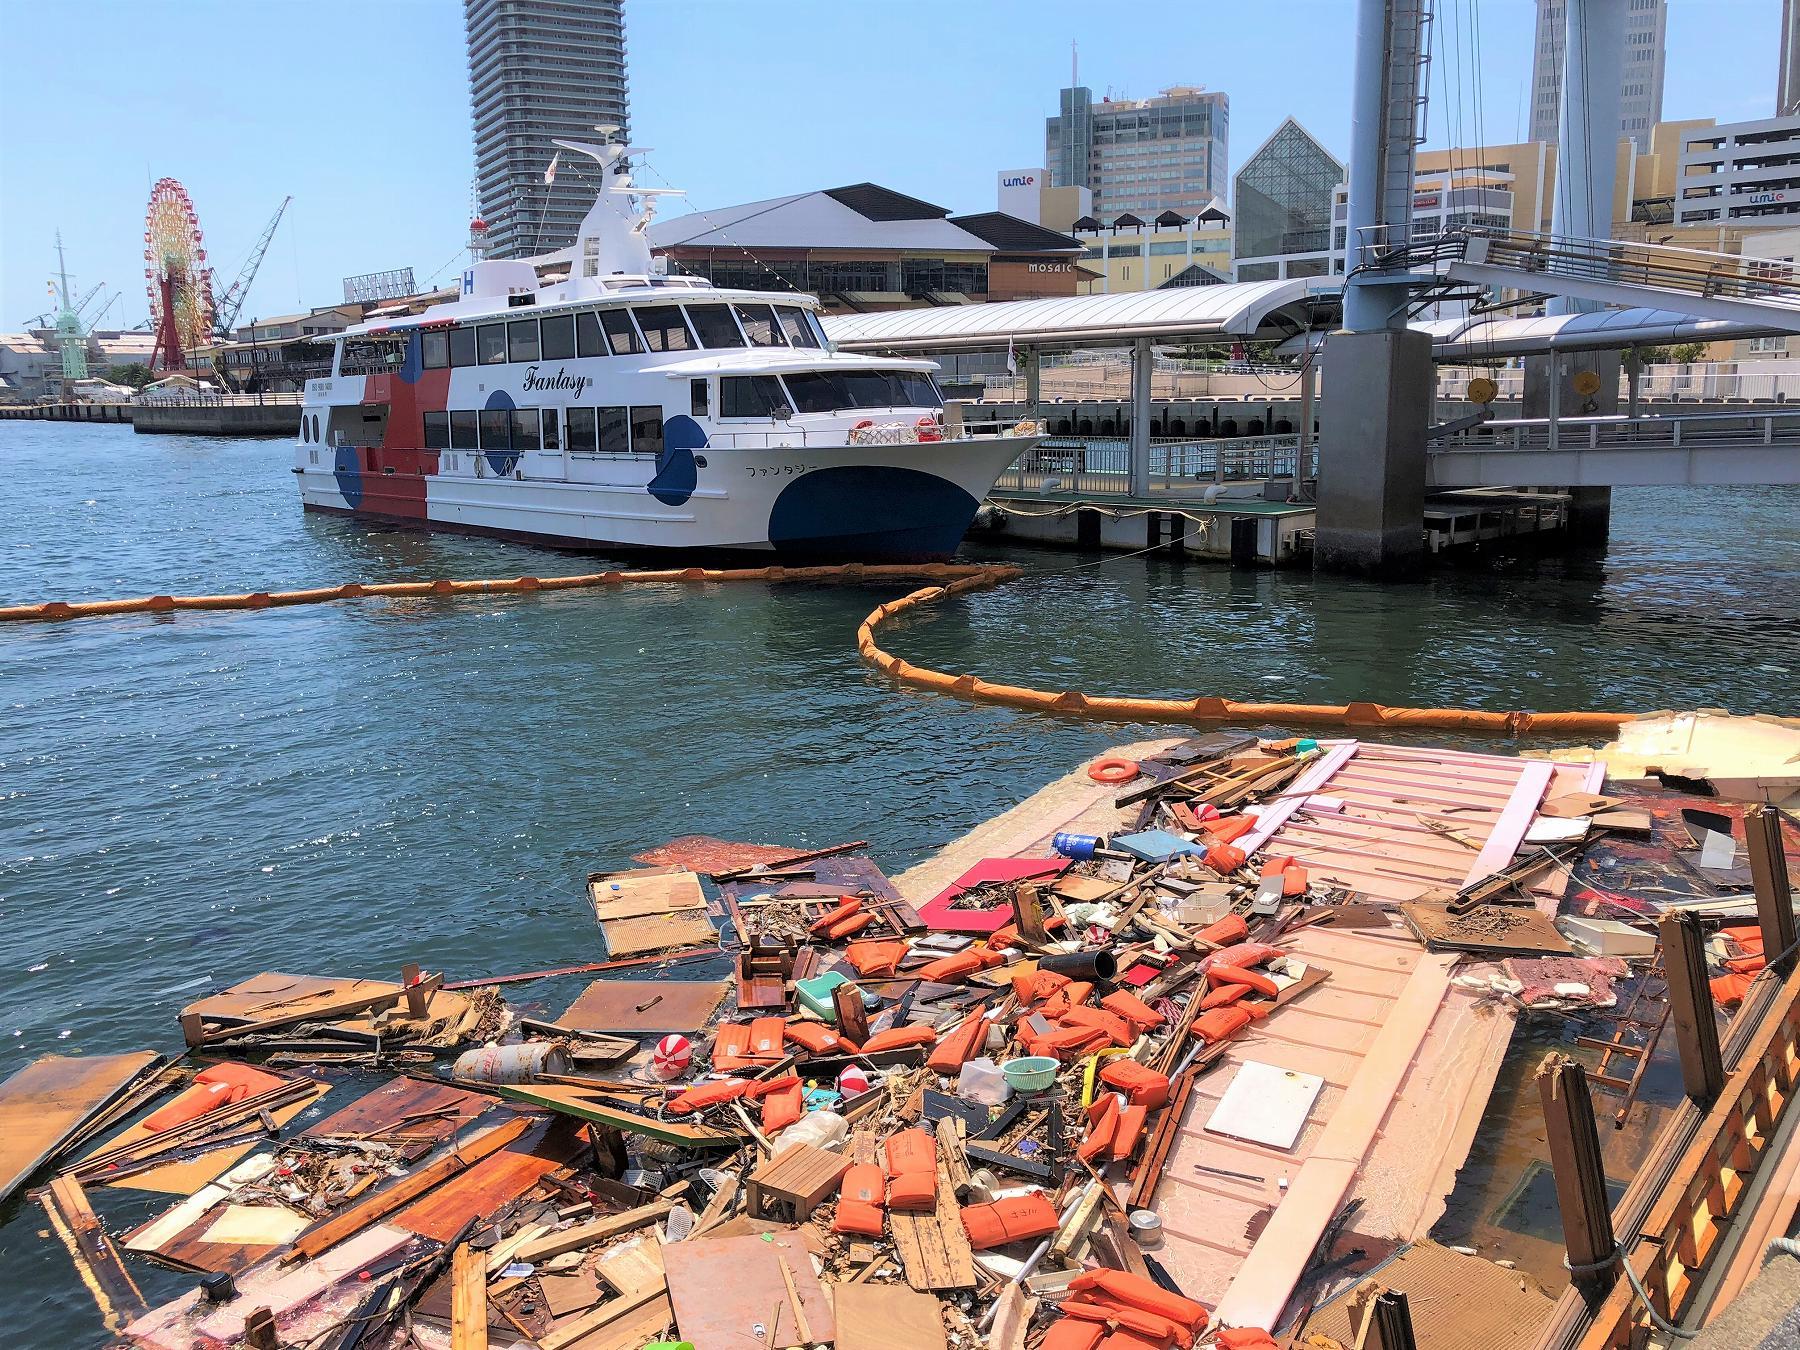 【※閲覧注意】神戸港・かもめりあ前に係留していた屋形船が、台風の影響で崩壊・沈没したよ… #屋形船 #神戸港 #神戸ハーバーランド #かもめりあ #クルージング #神戸観光 #船舶沈没